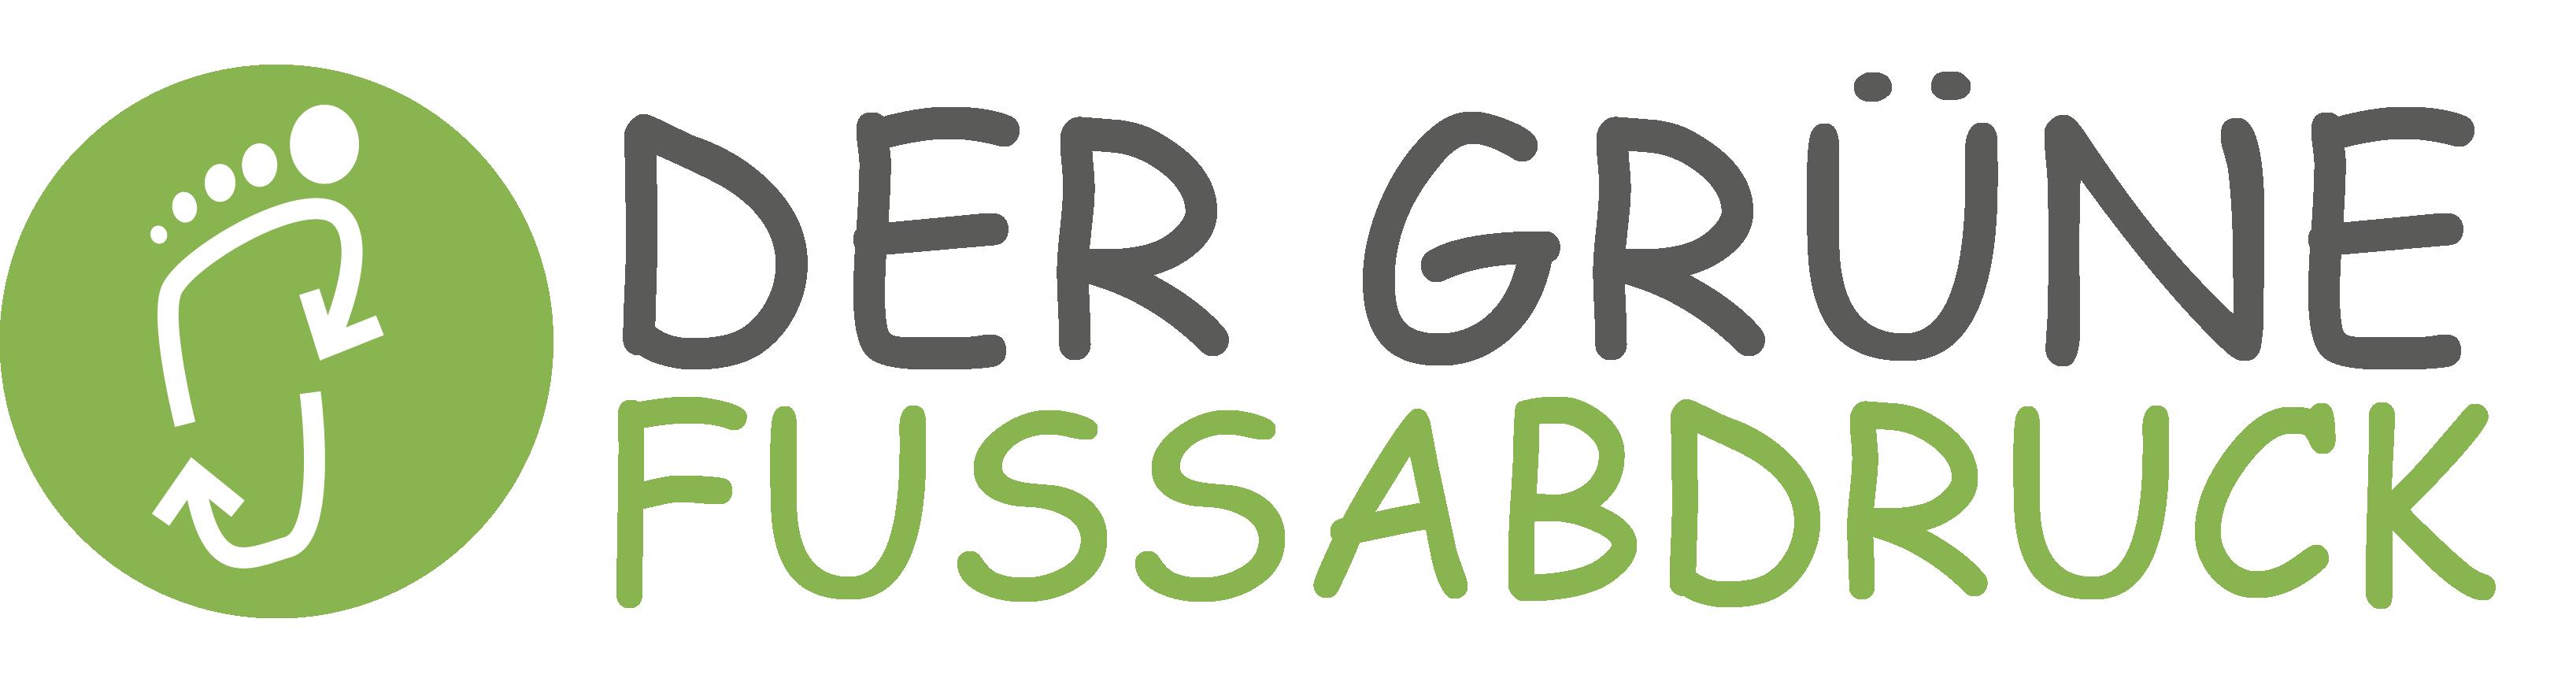 Der grüne Fußabdruck Logo